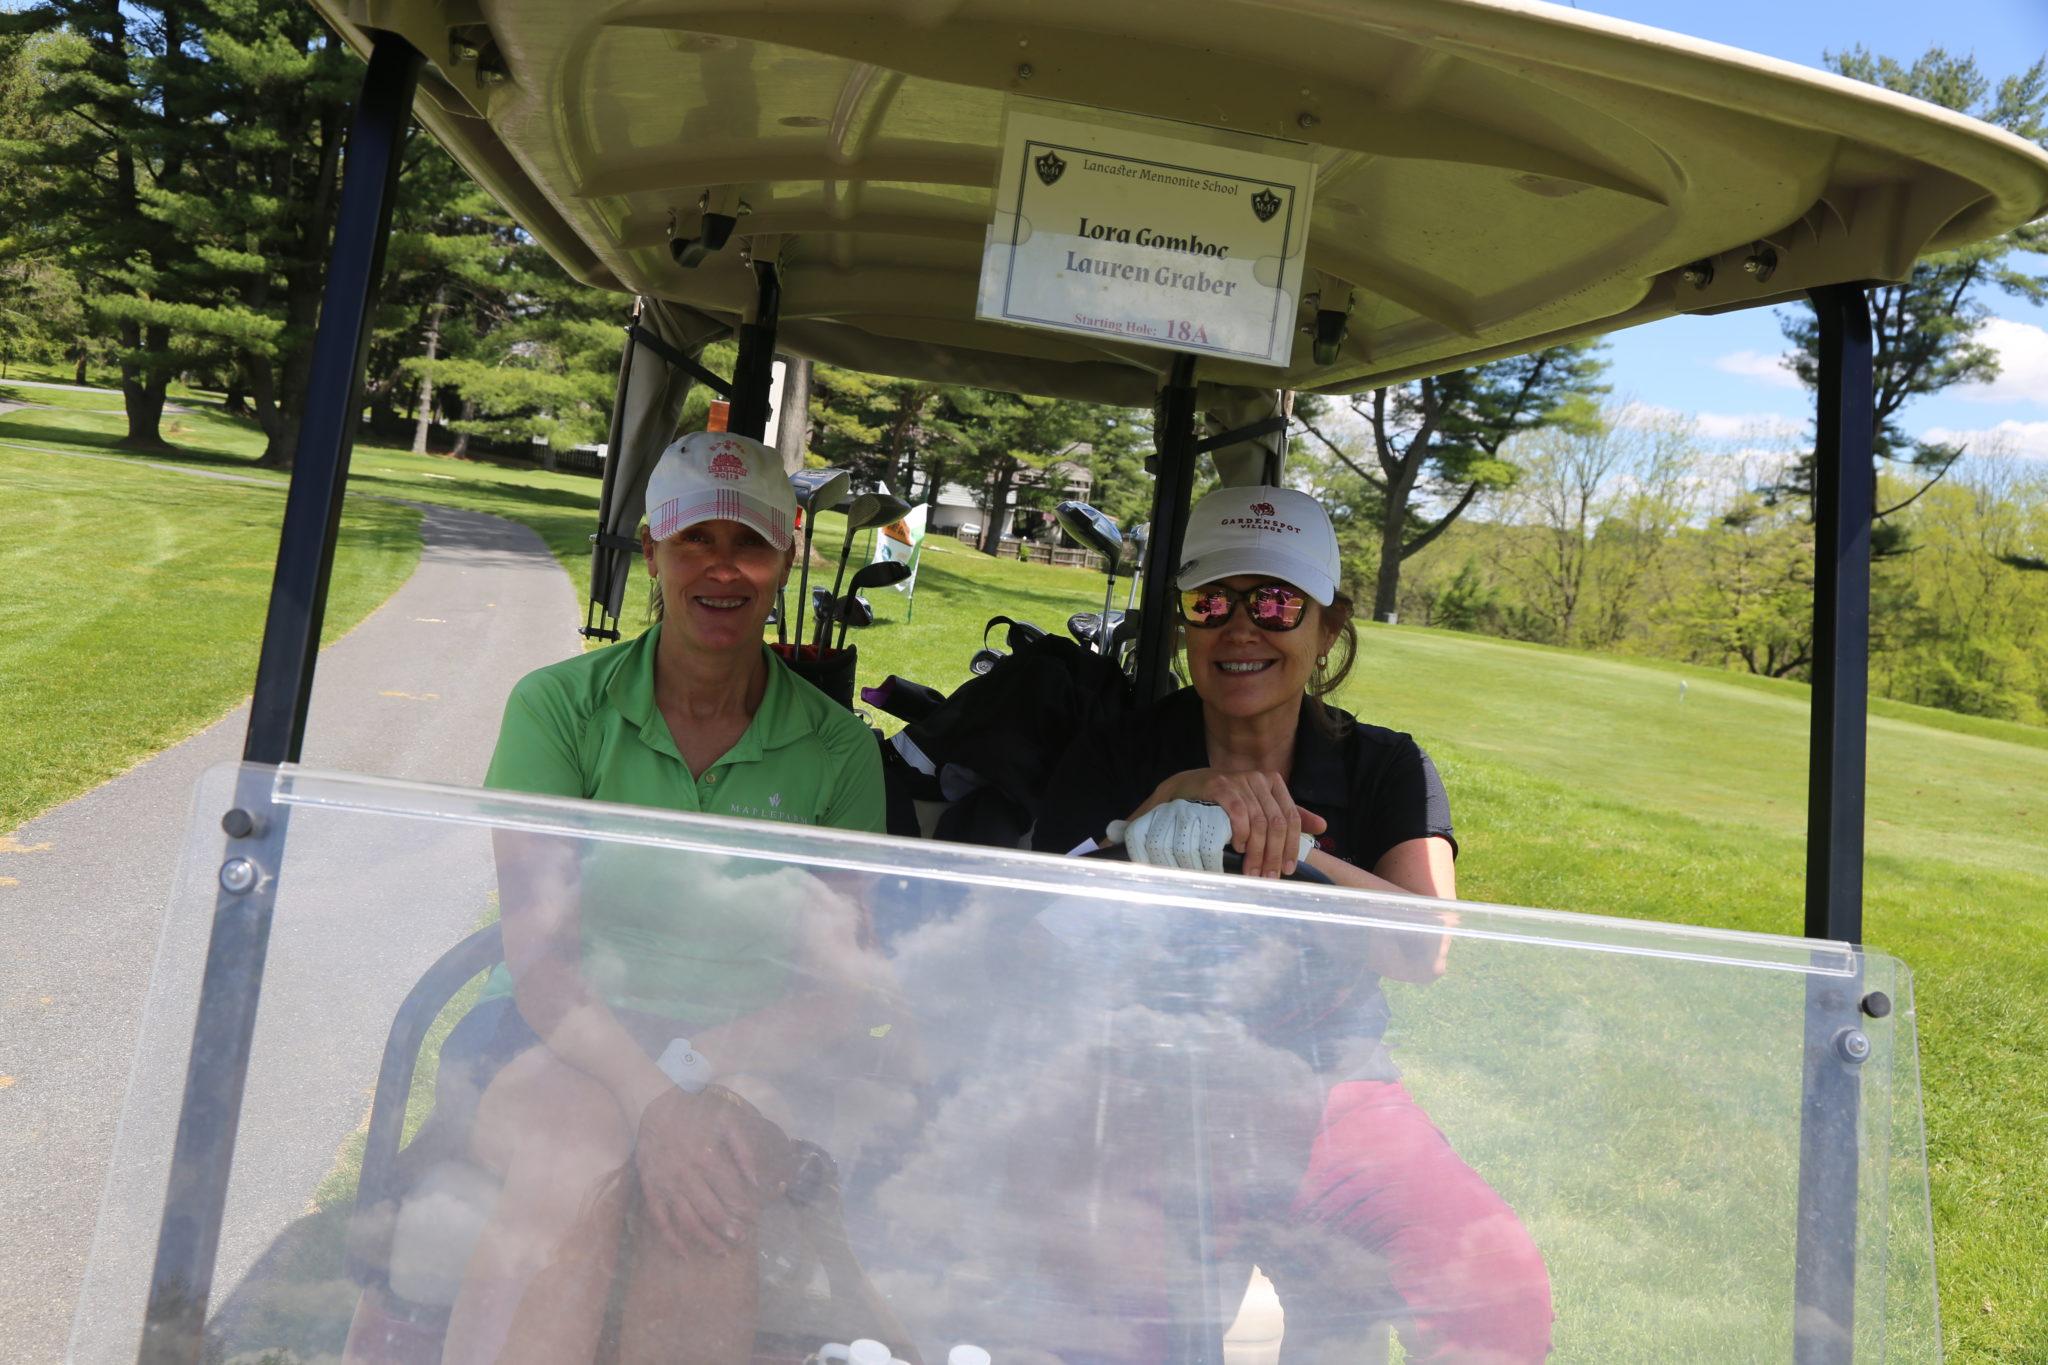 2 women on golf cart